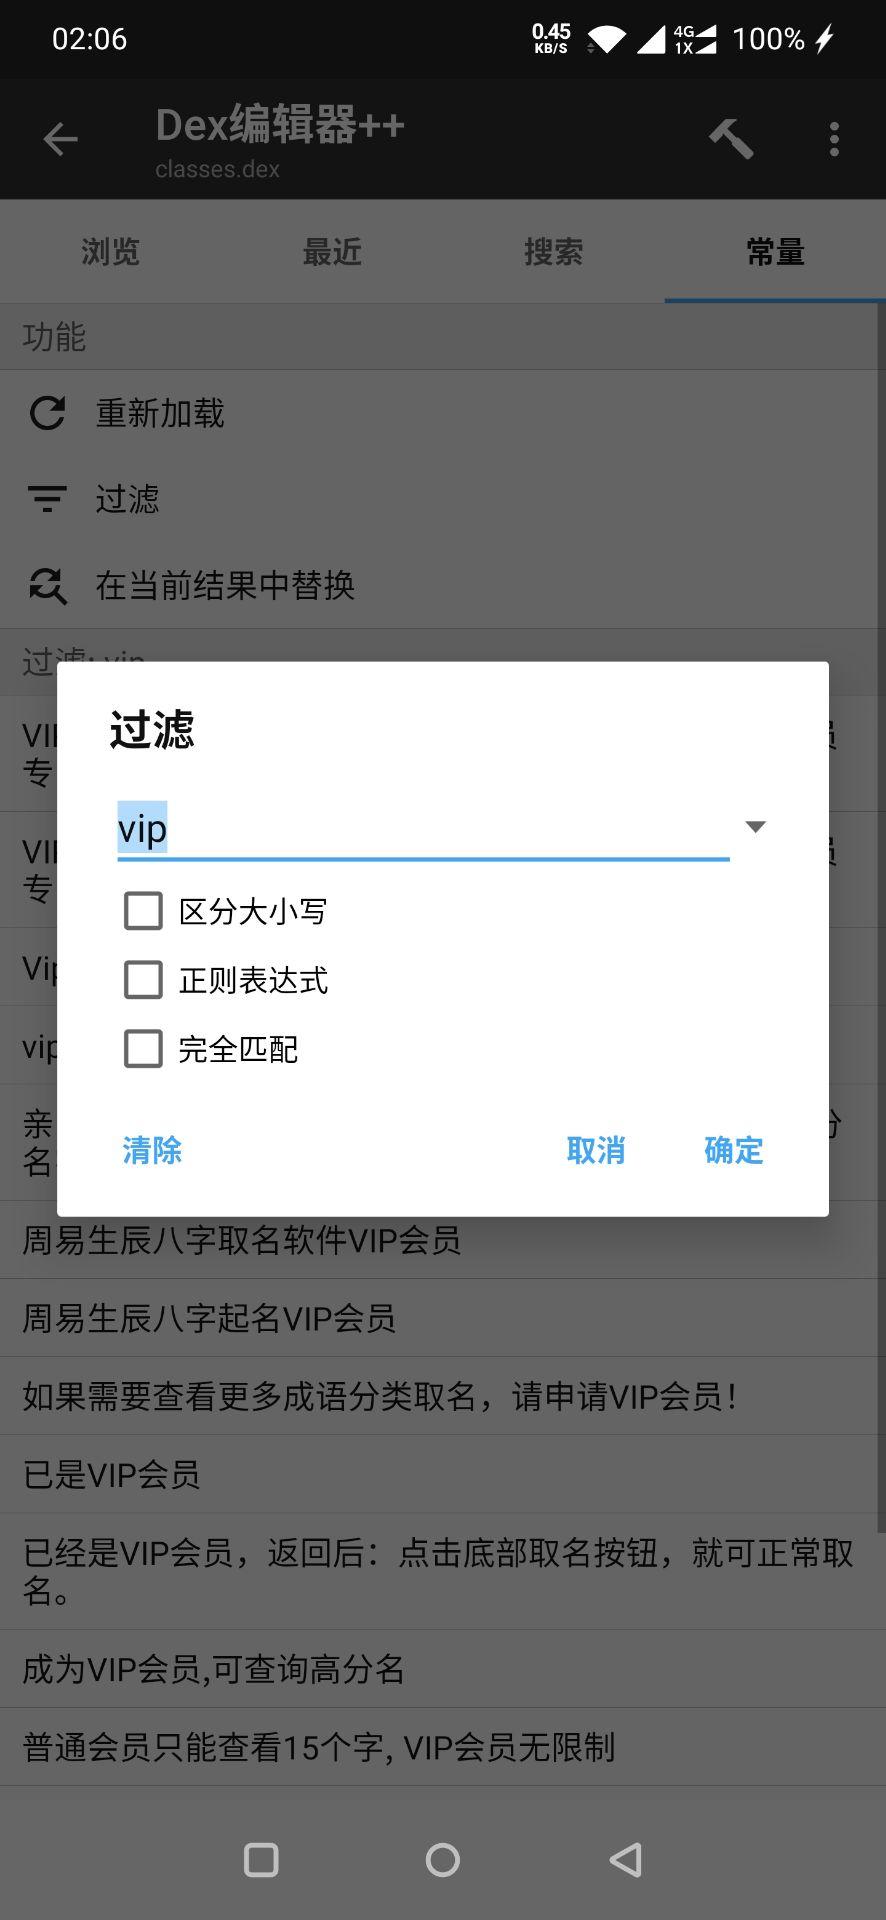 图片[3]-【泛破解教程】vip赋值破解-墨吻博客